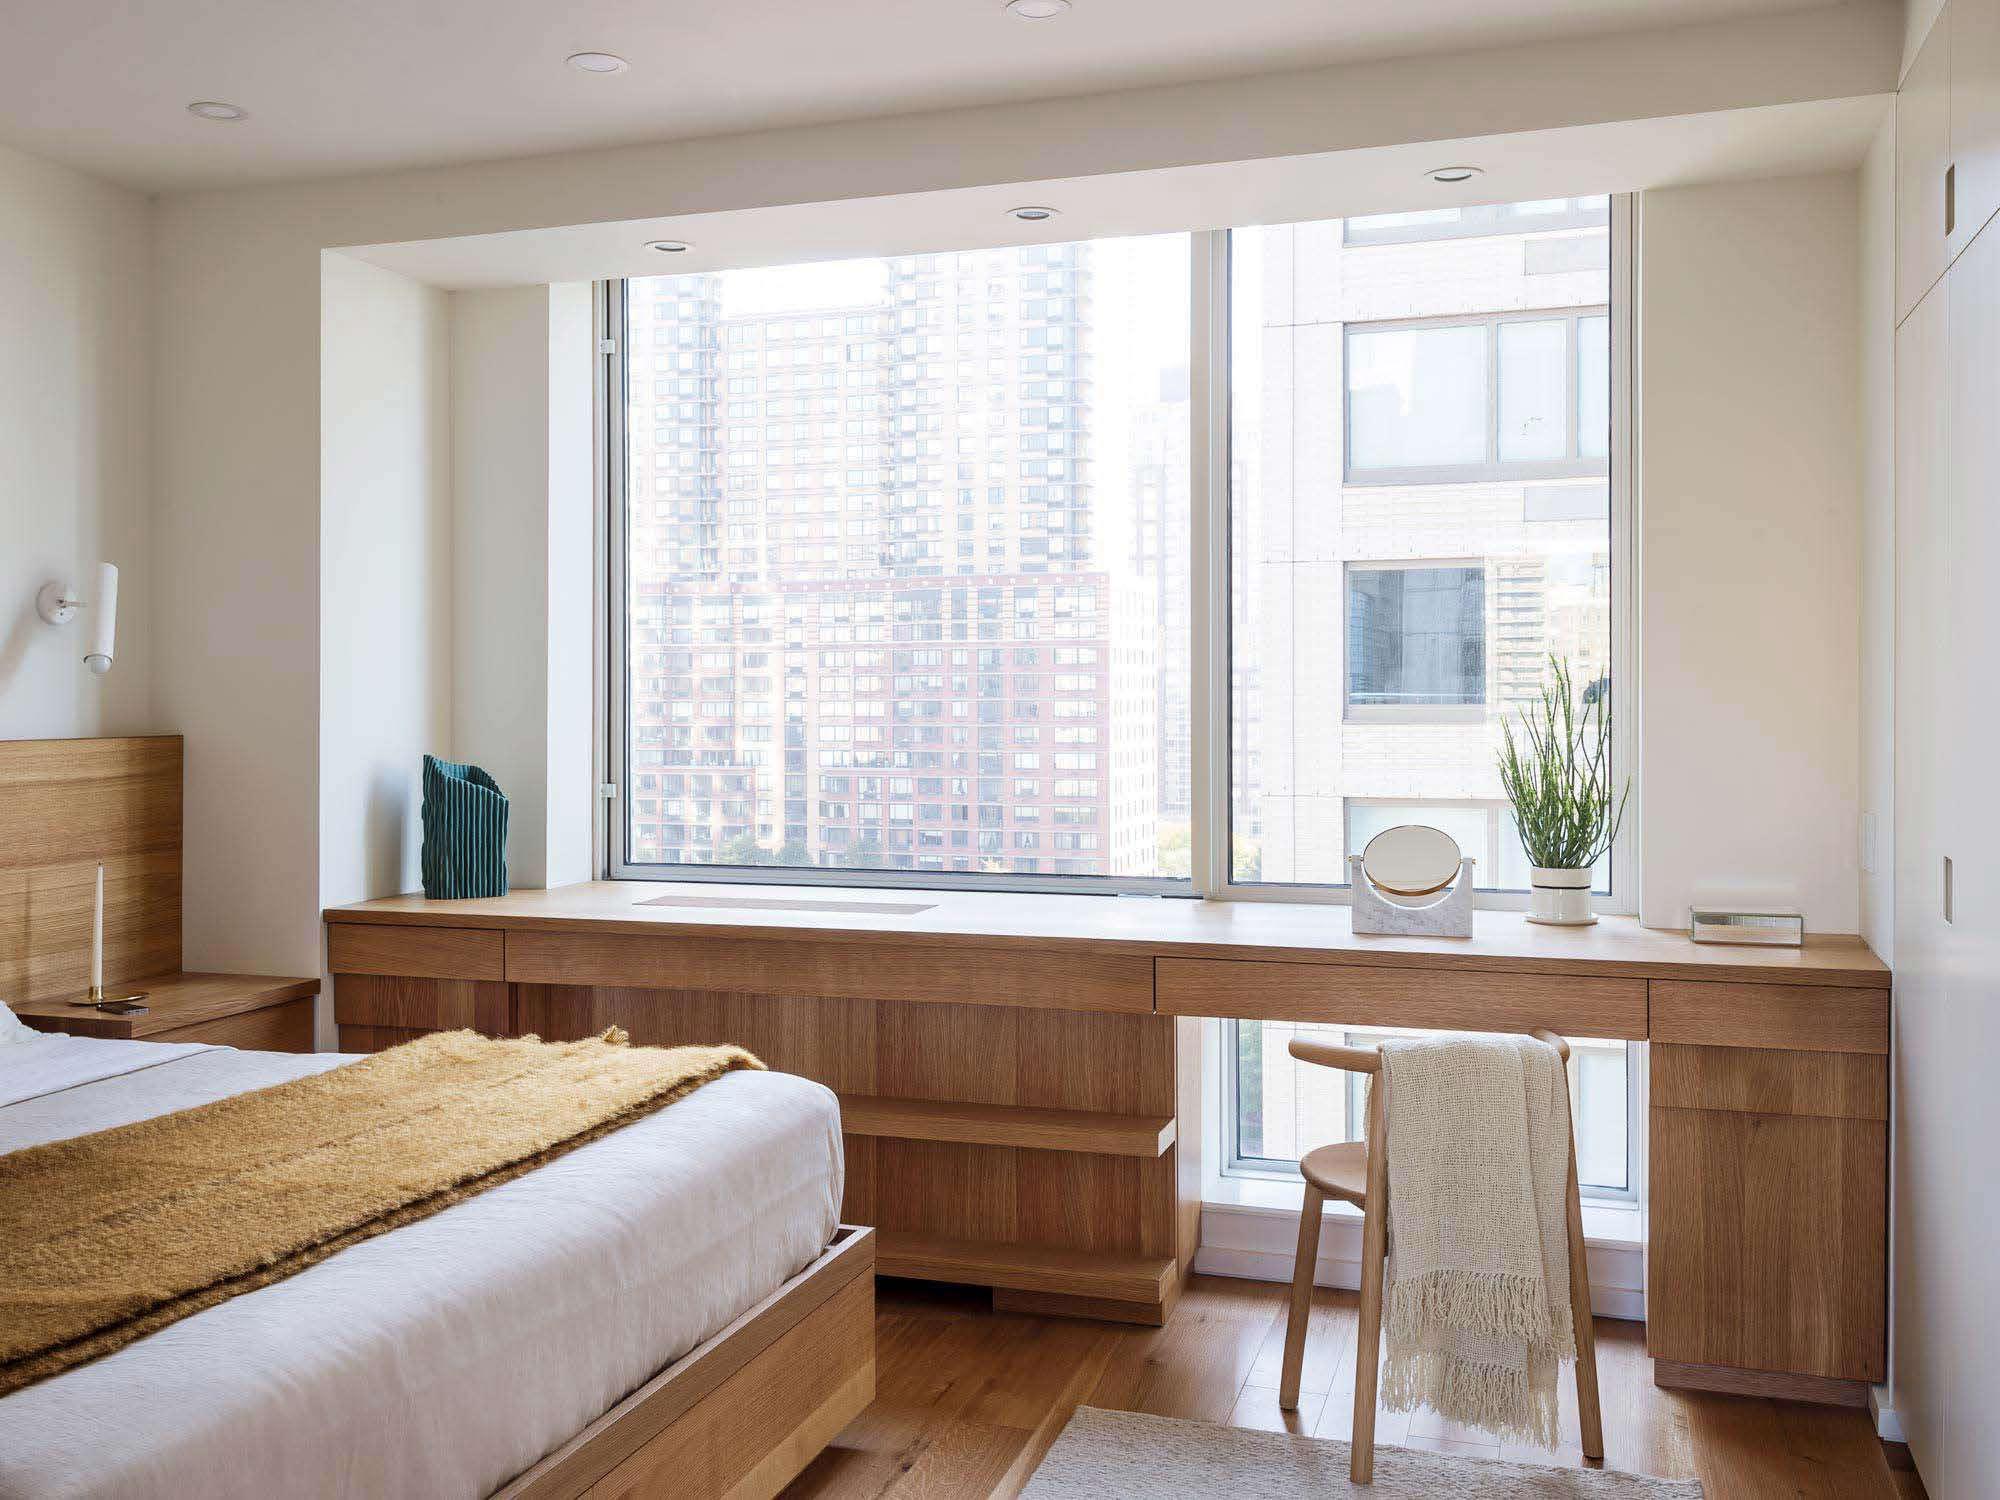 Workstead-design bedroom with custom oak vanity/desk